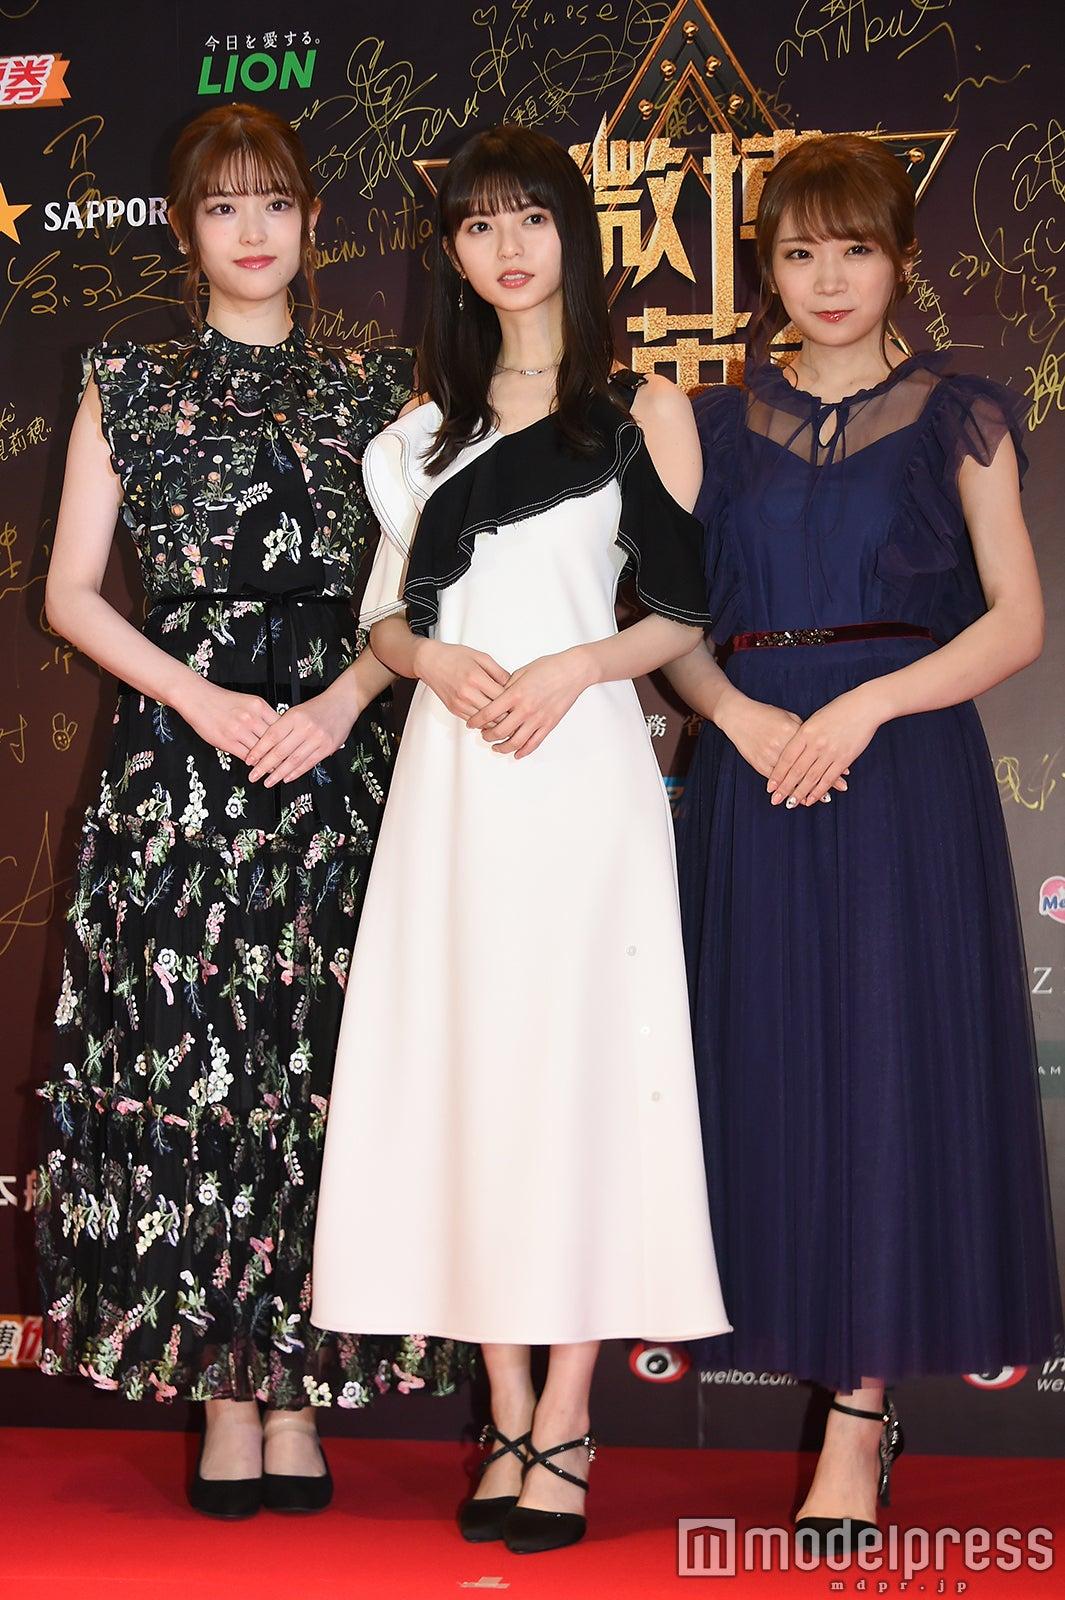 乃木坂46 WEIBO Account Festival in Japan 2018